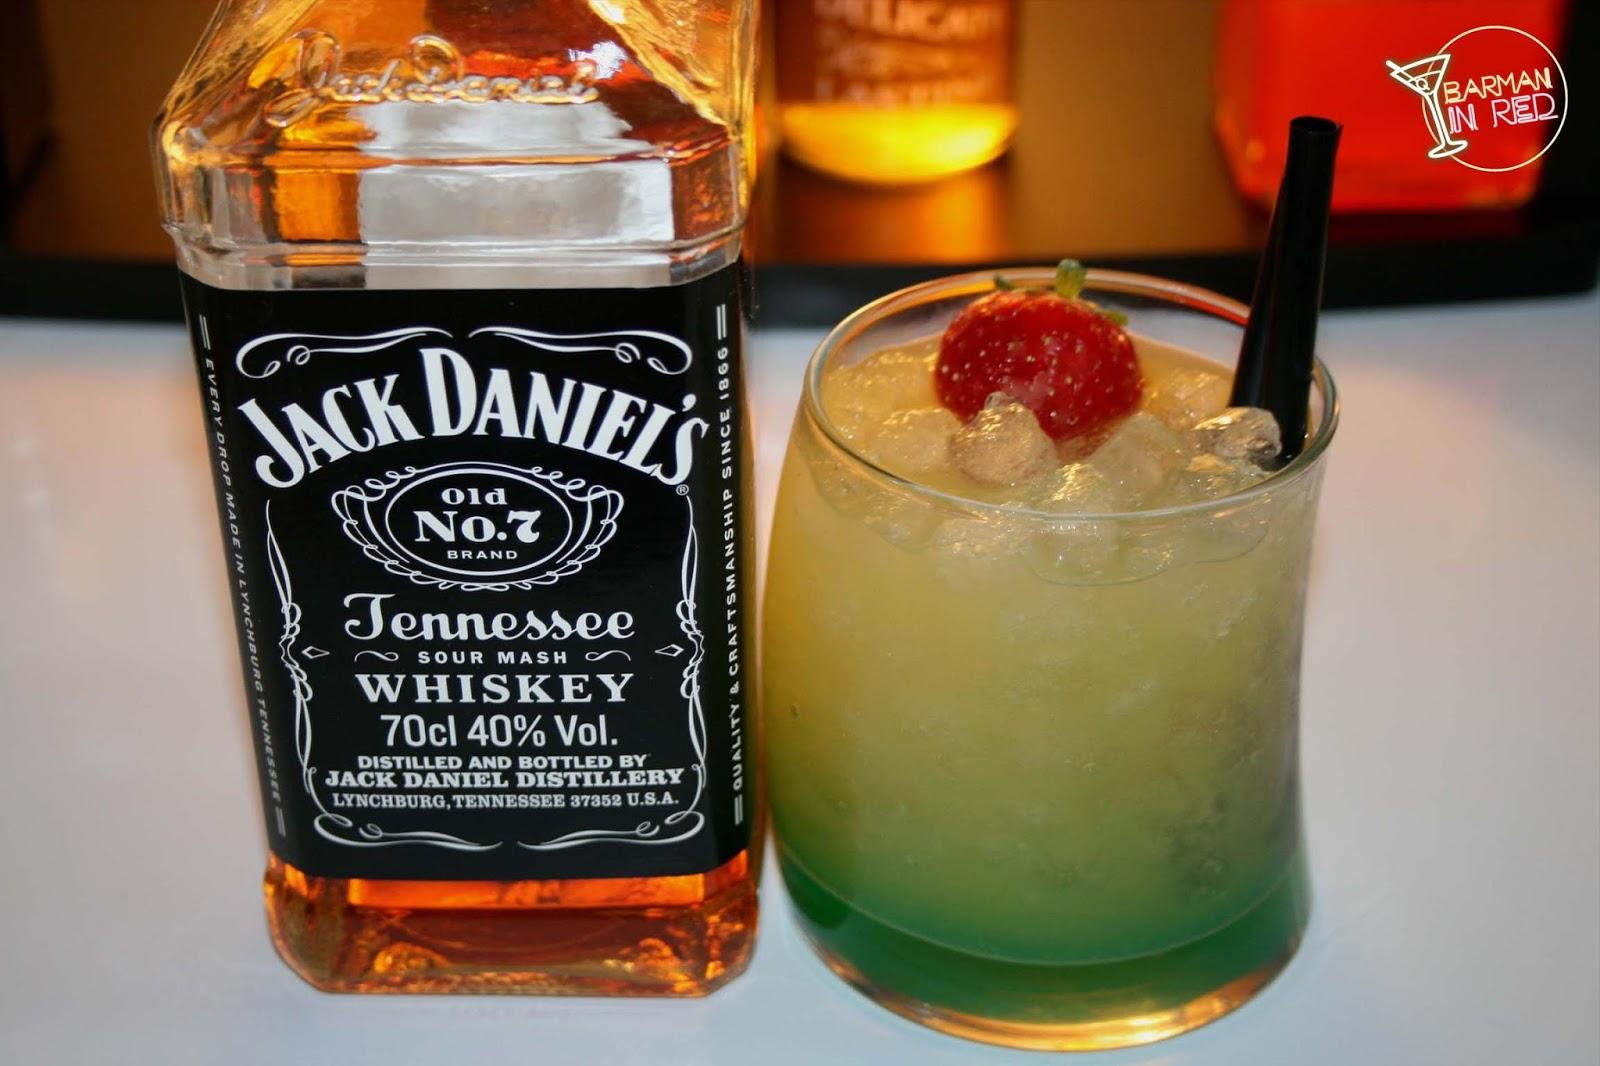 Un cocktail con whisky